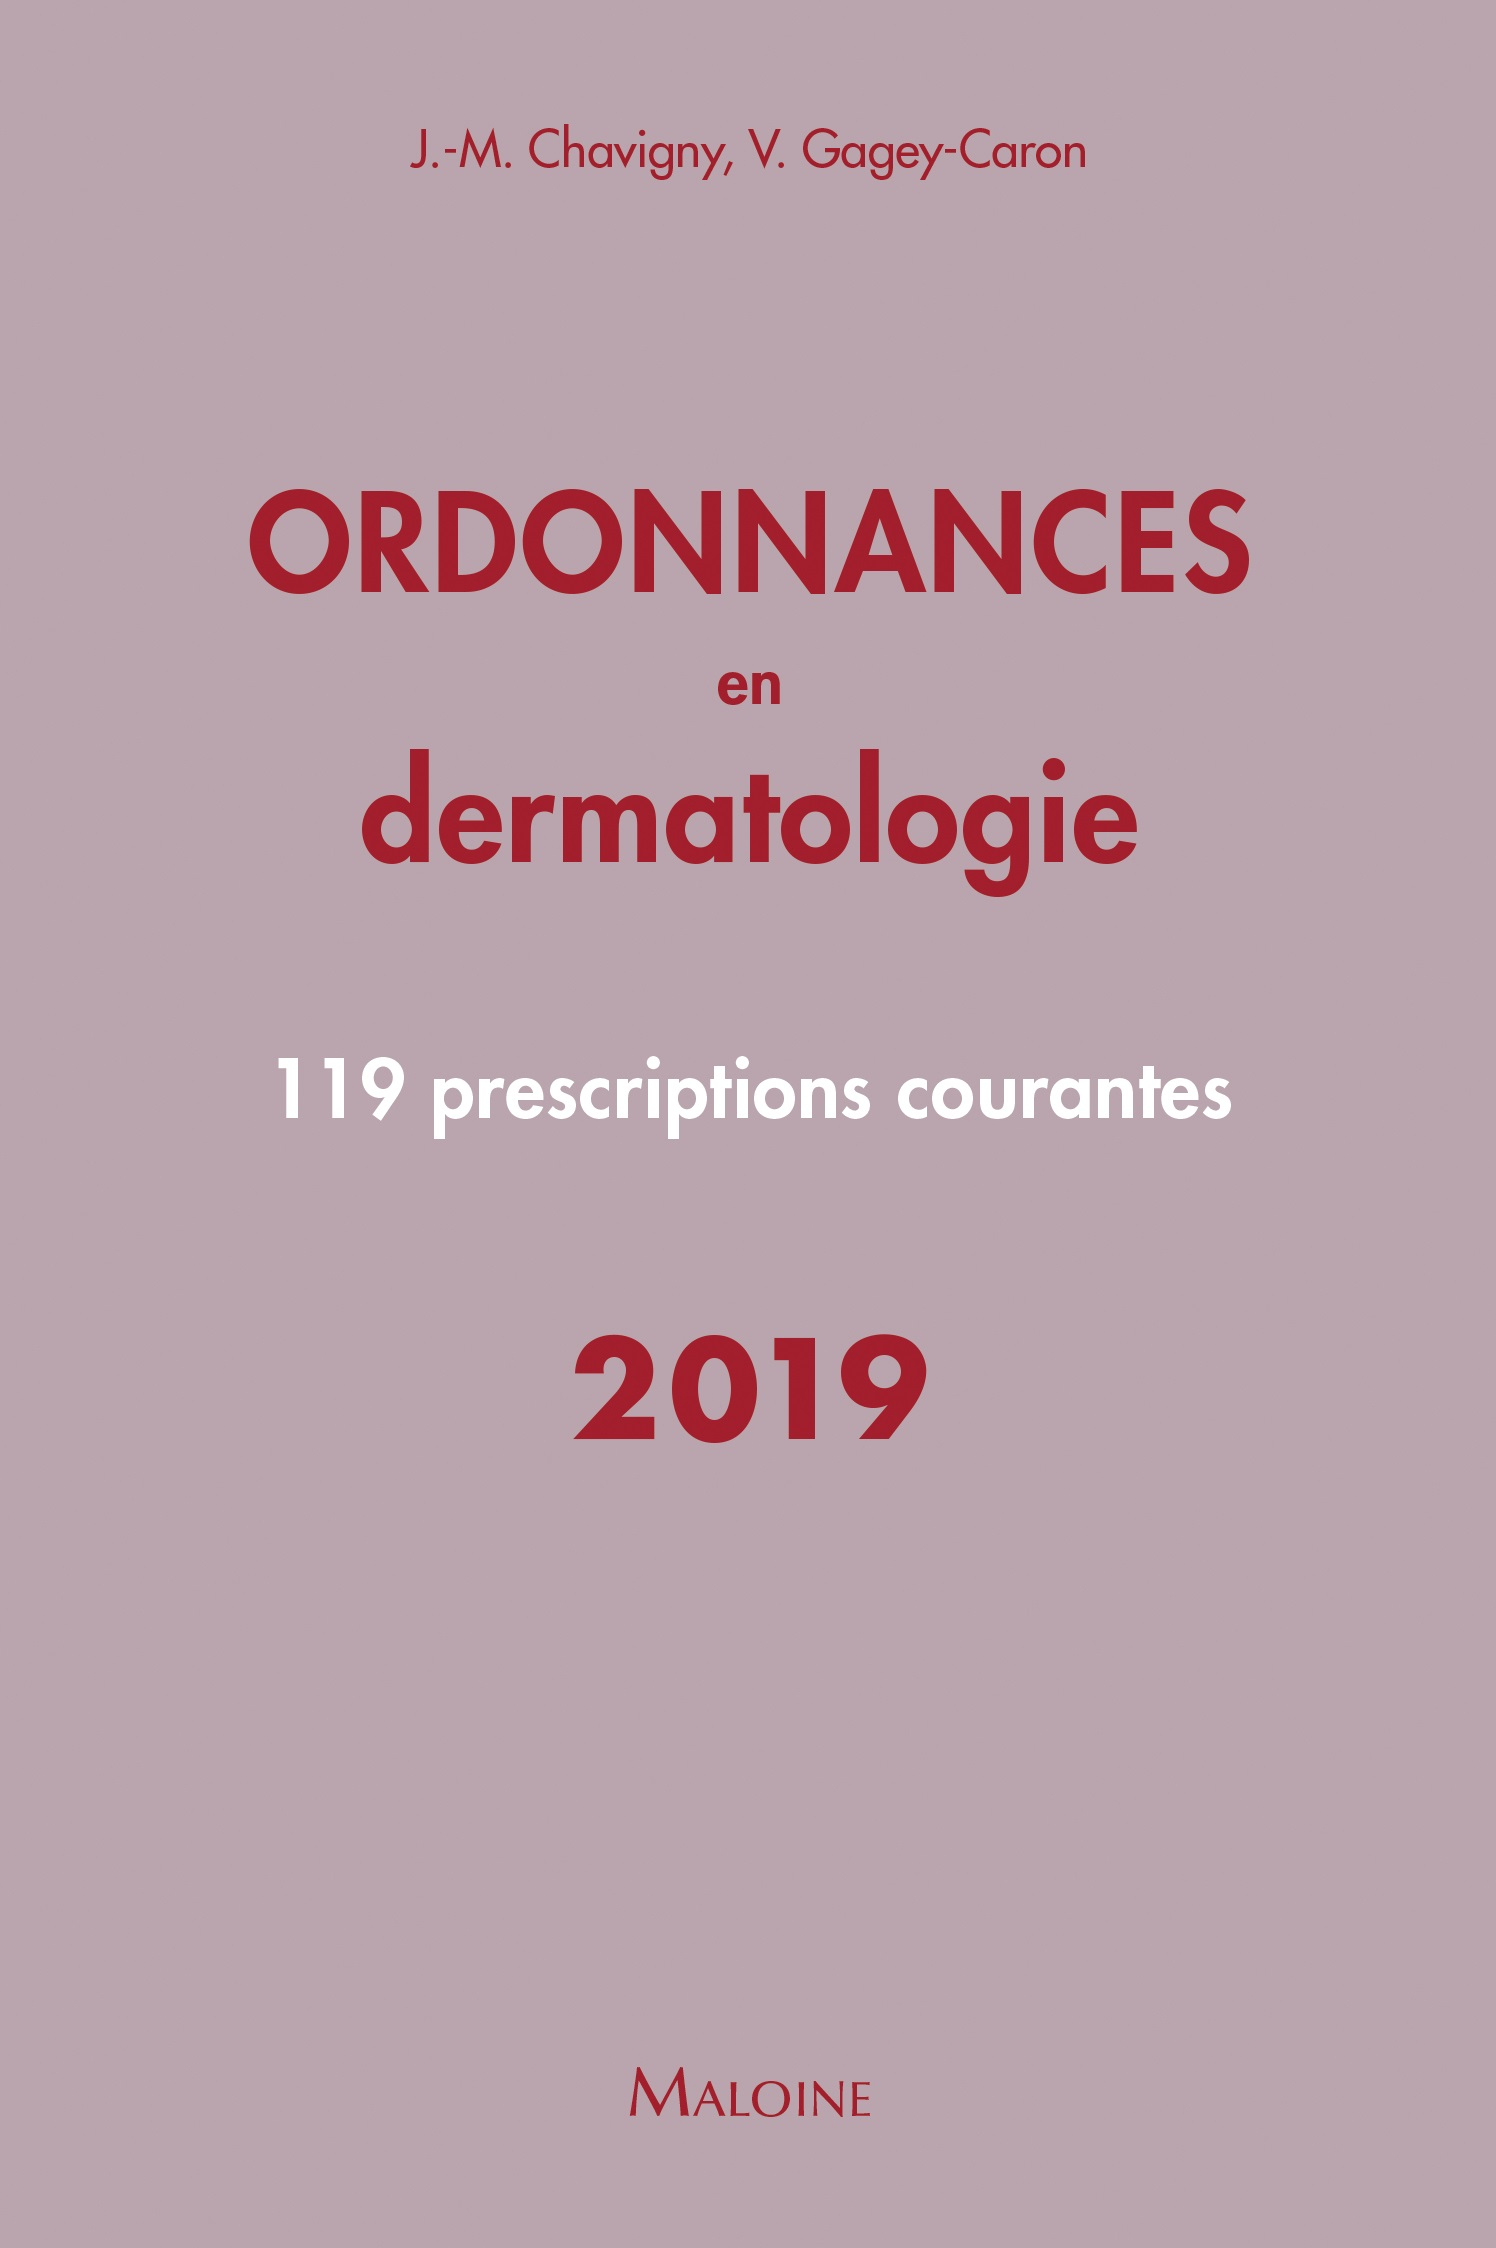 Ordonnances en dermatologie